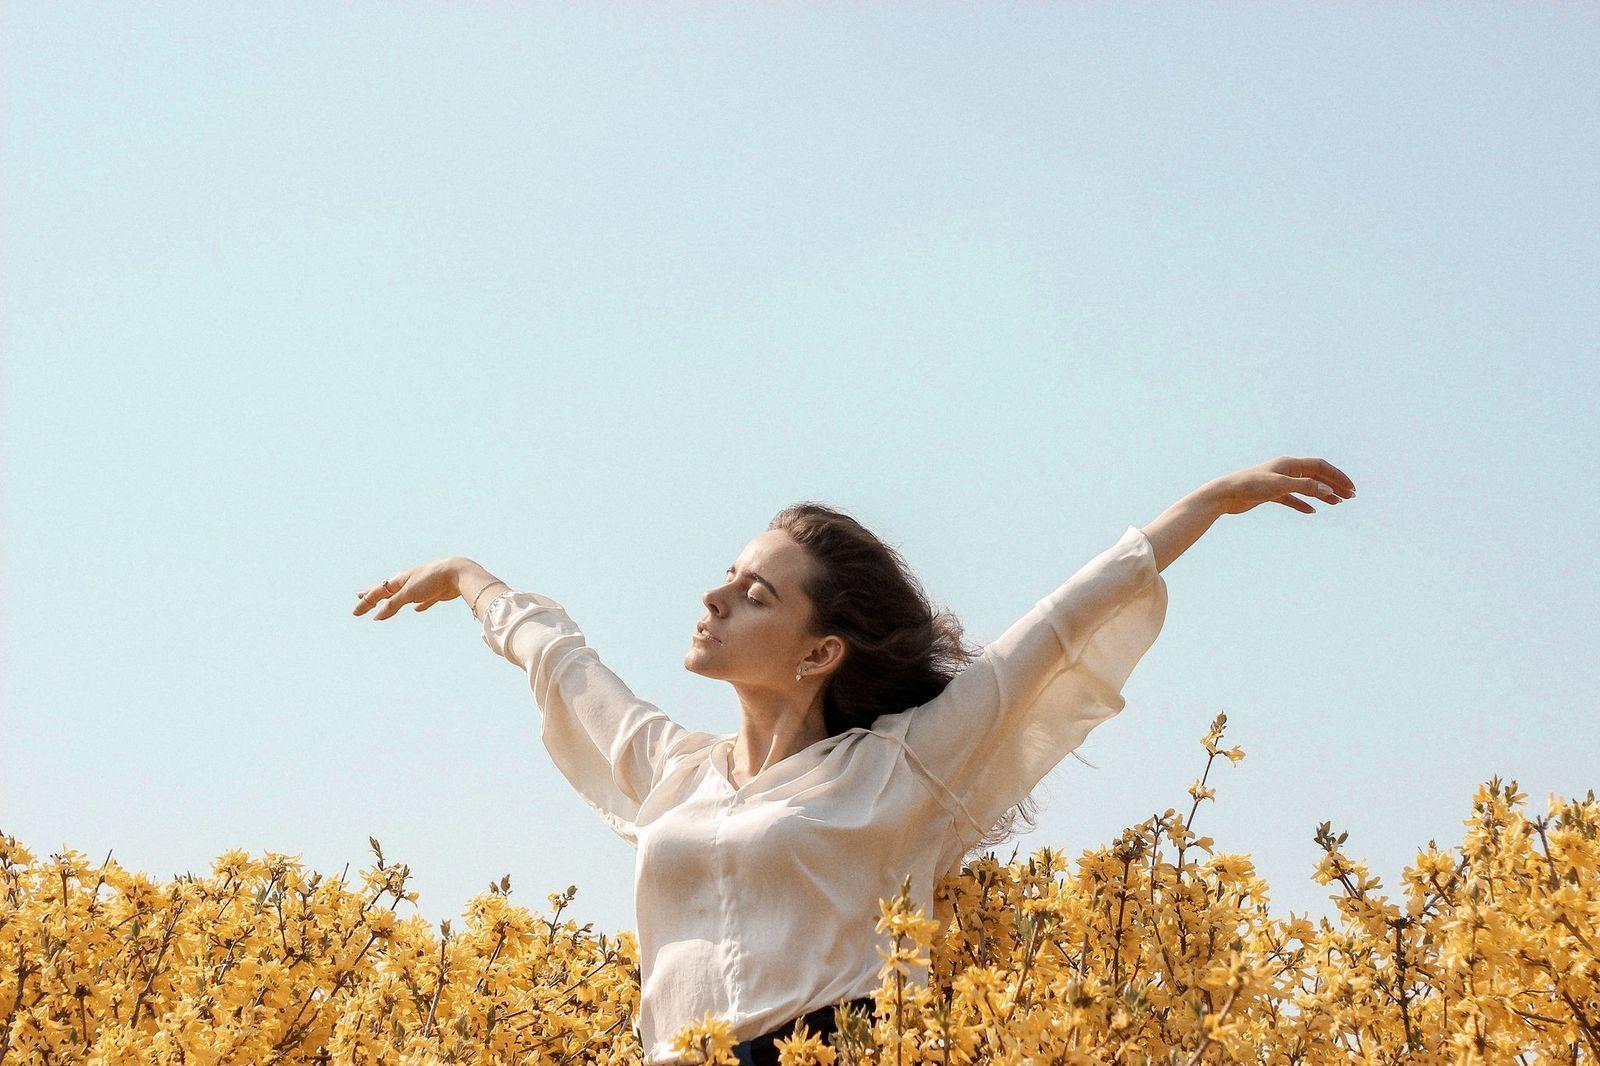 Fotografia Mindful Moments, Cómo disfruar de cada momento